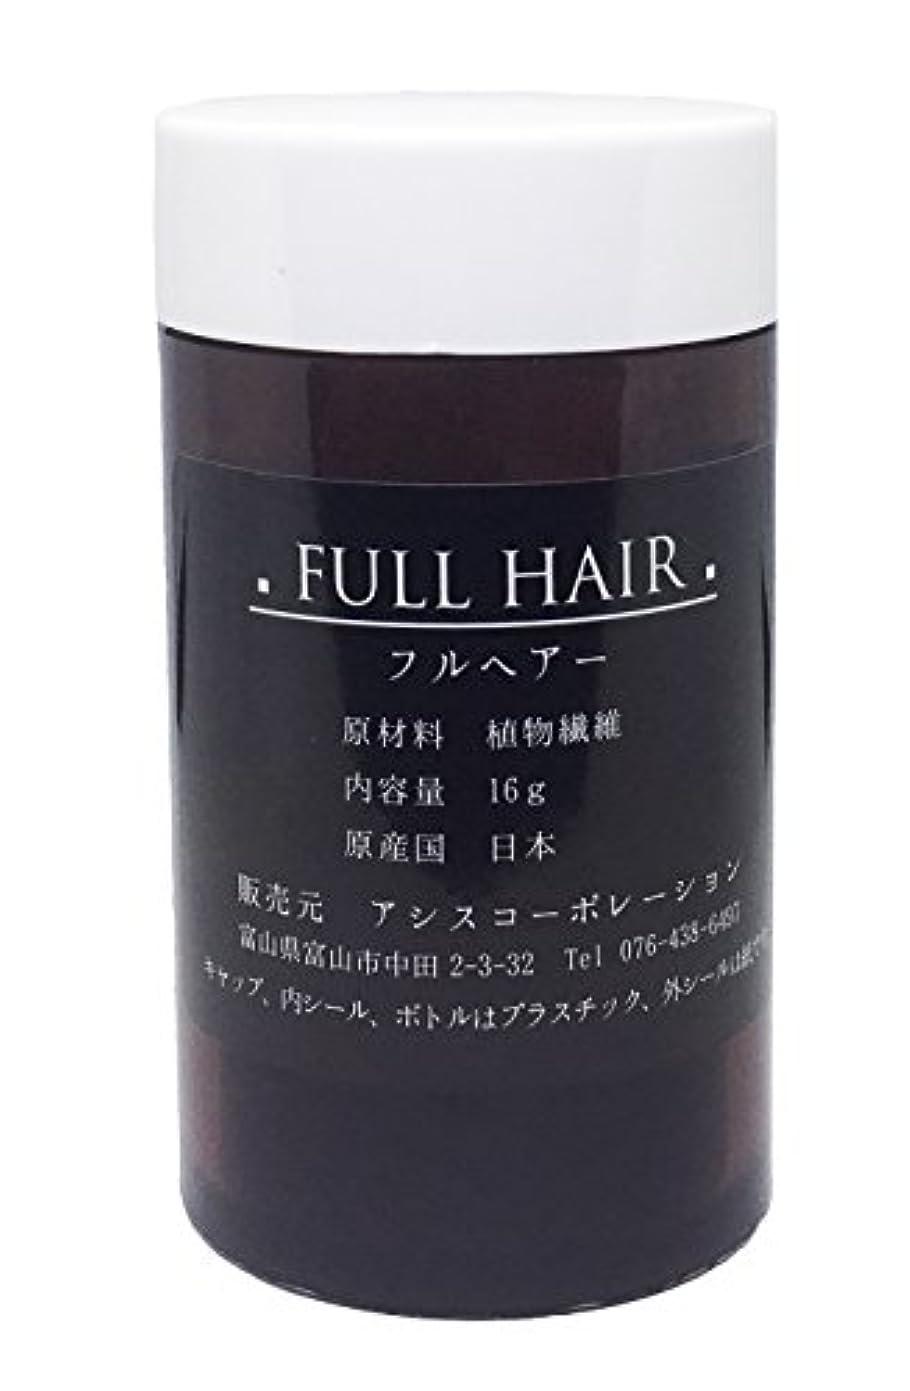 ワゴン崇拝するリゾートフルヘアー 16g ブラック 増毛パウダー 薄毛隠し 円形脱毛症に